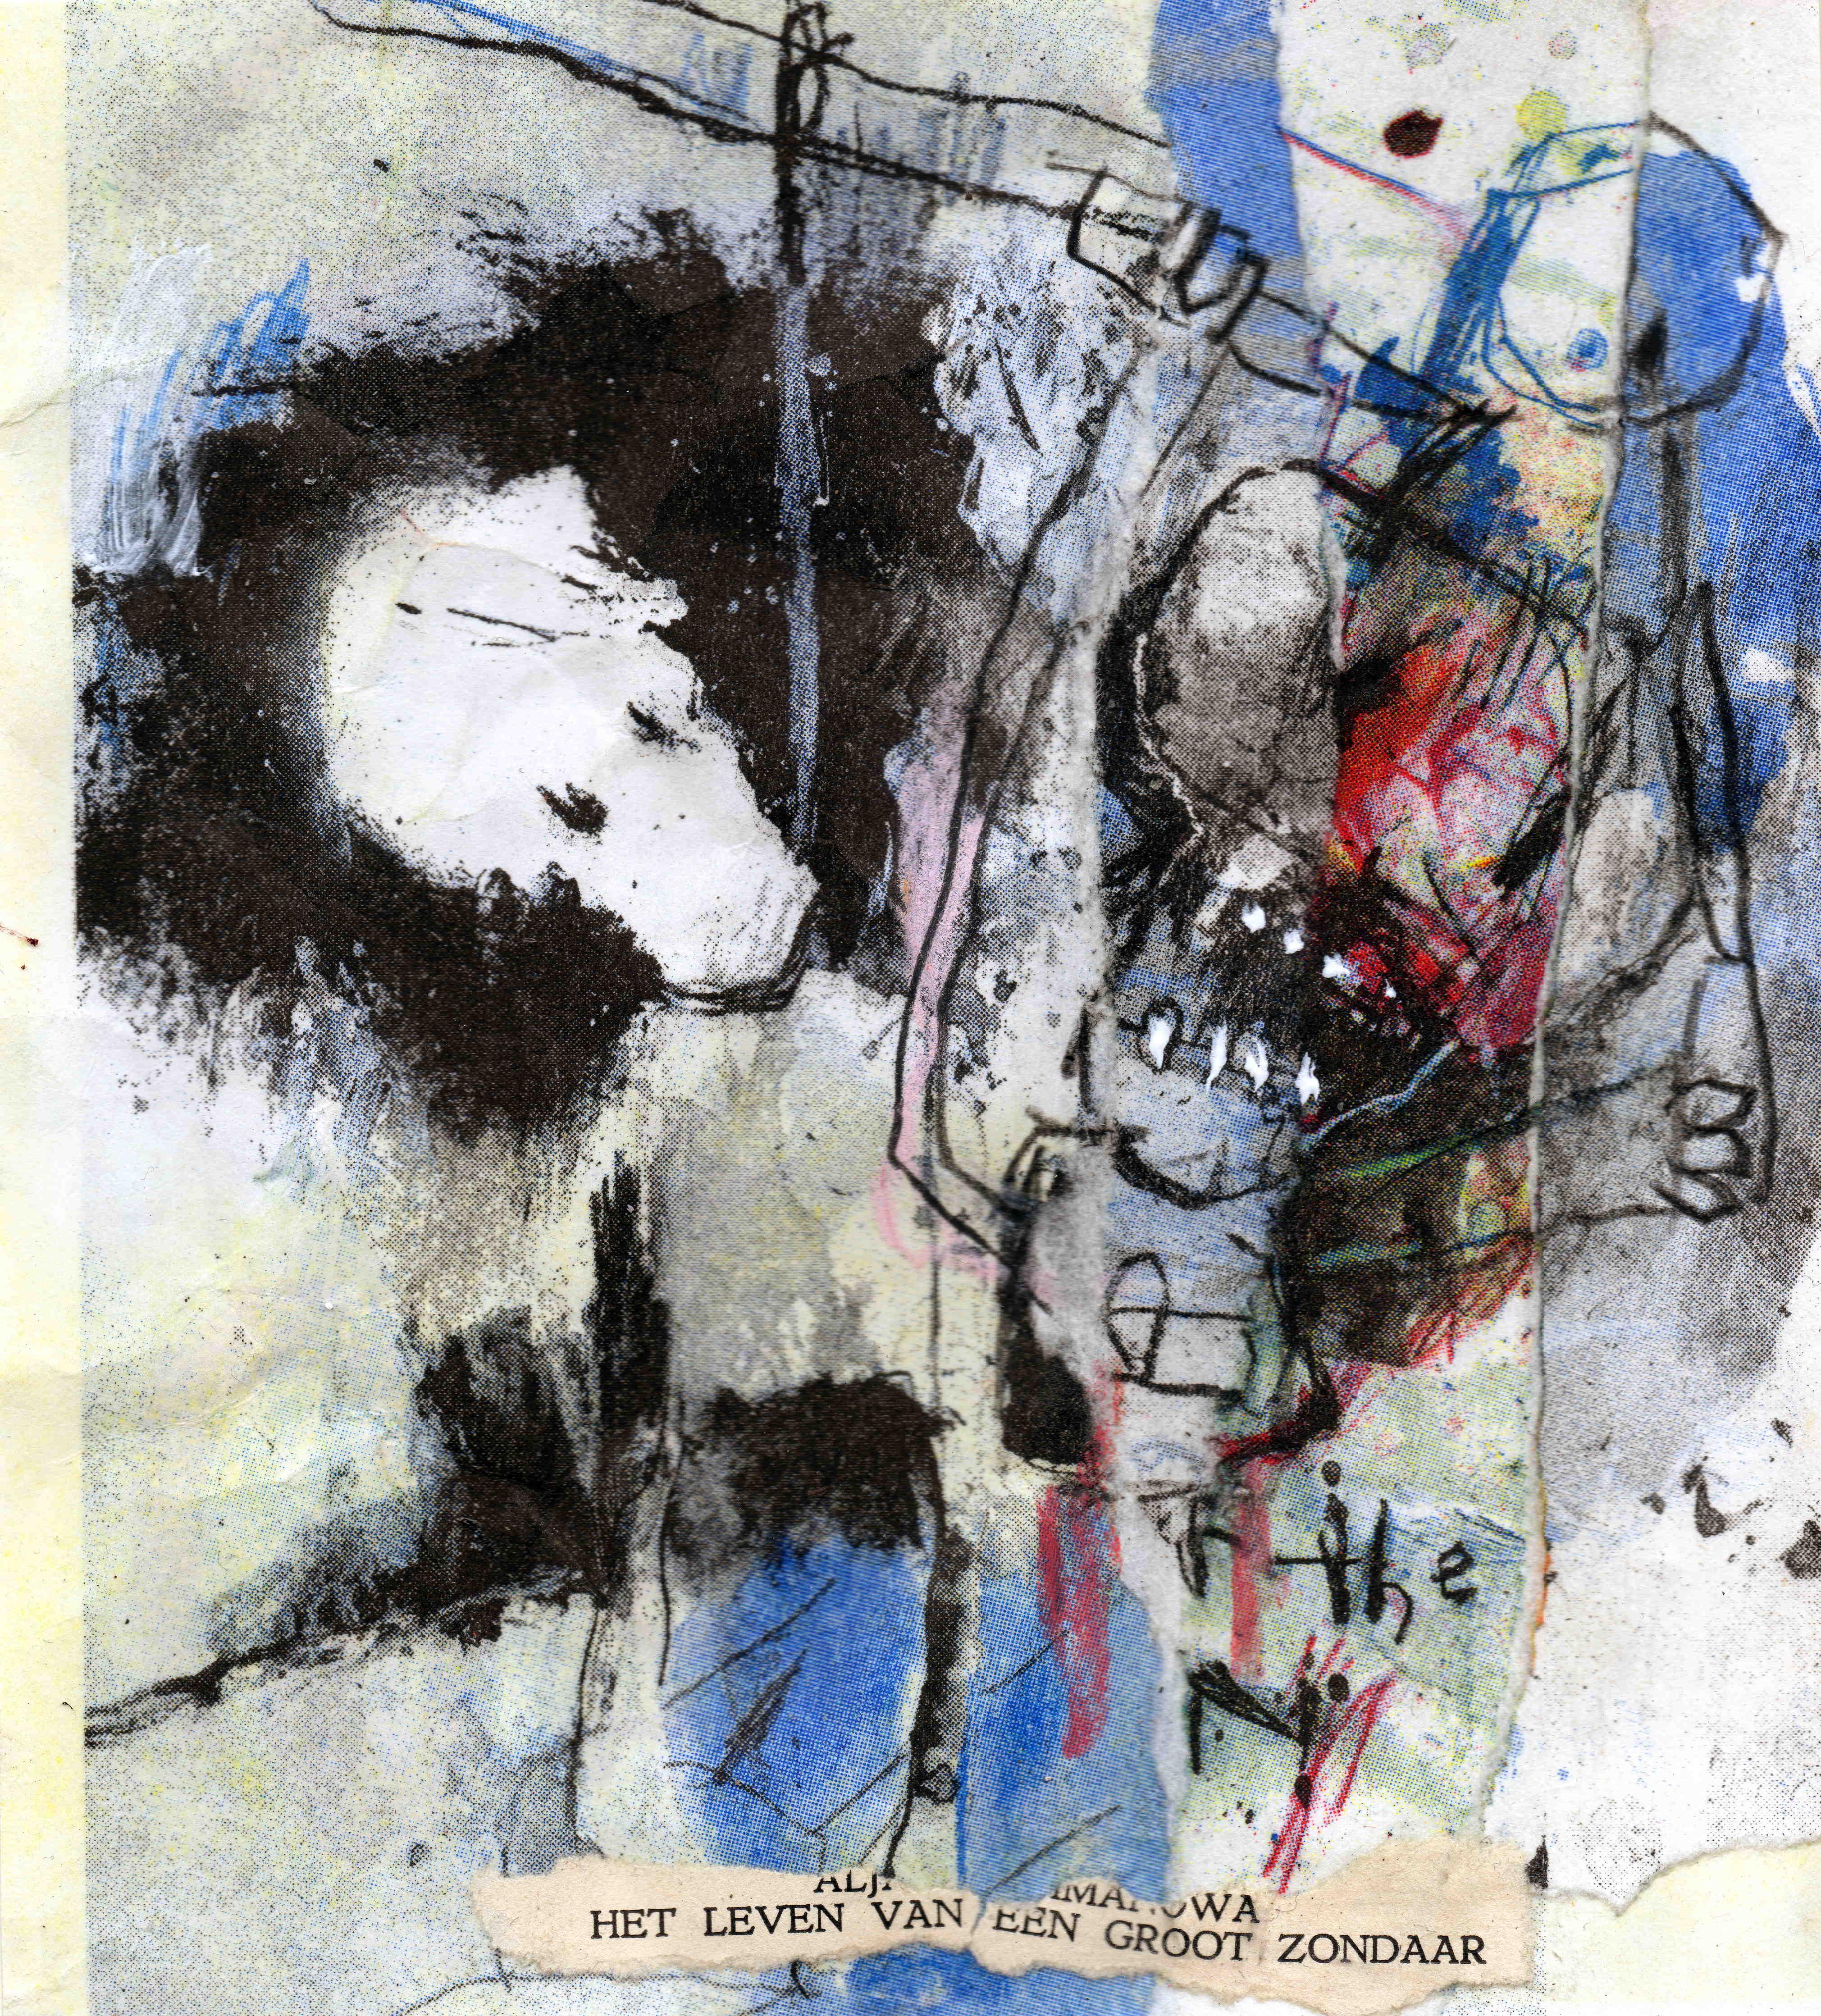 Het leven van een groot zondaar, mixed media on riso print, 14,6 x 16 cm, 2020 MC12